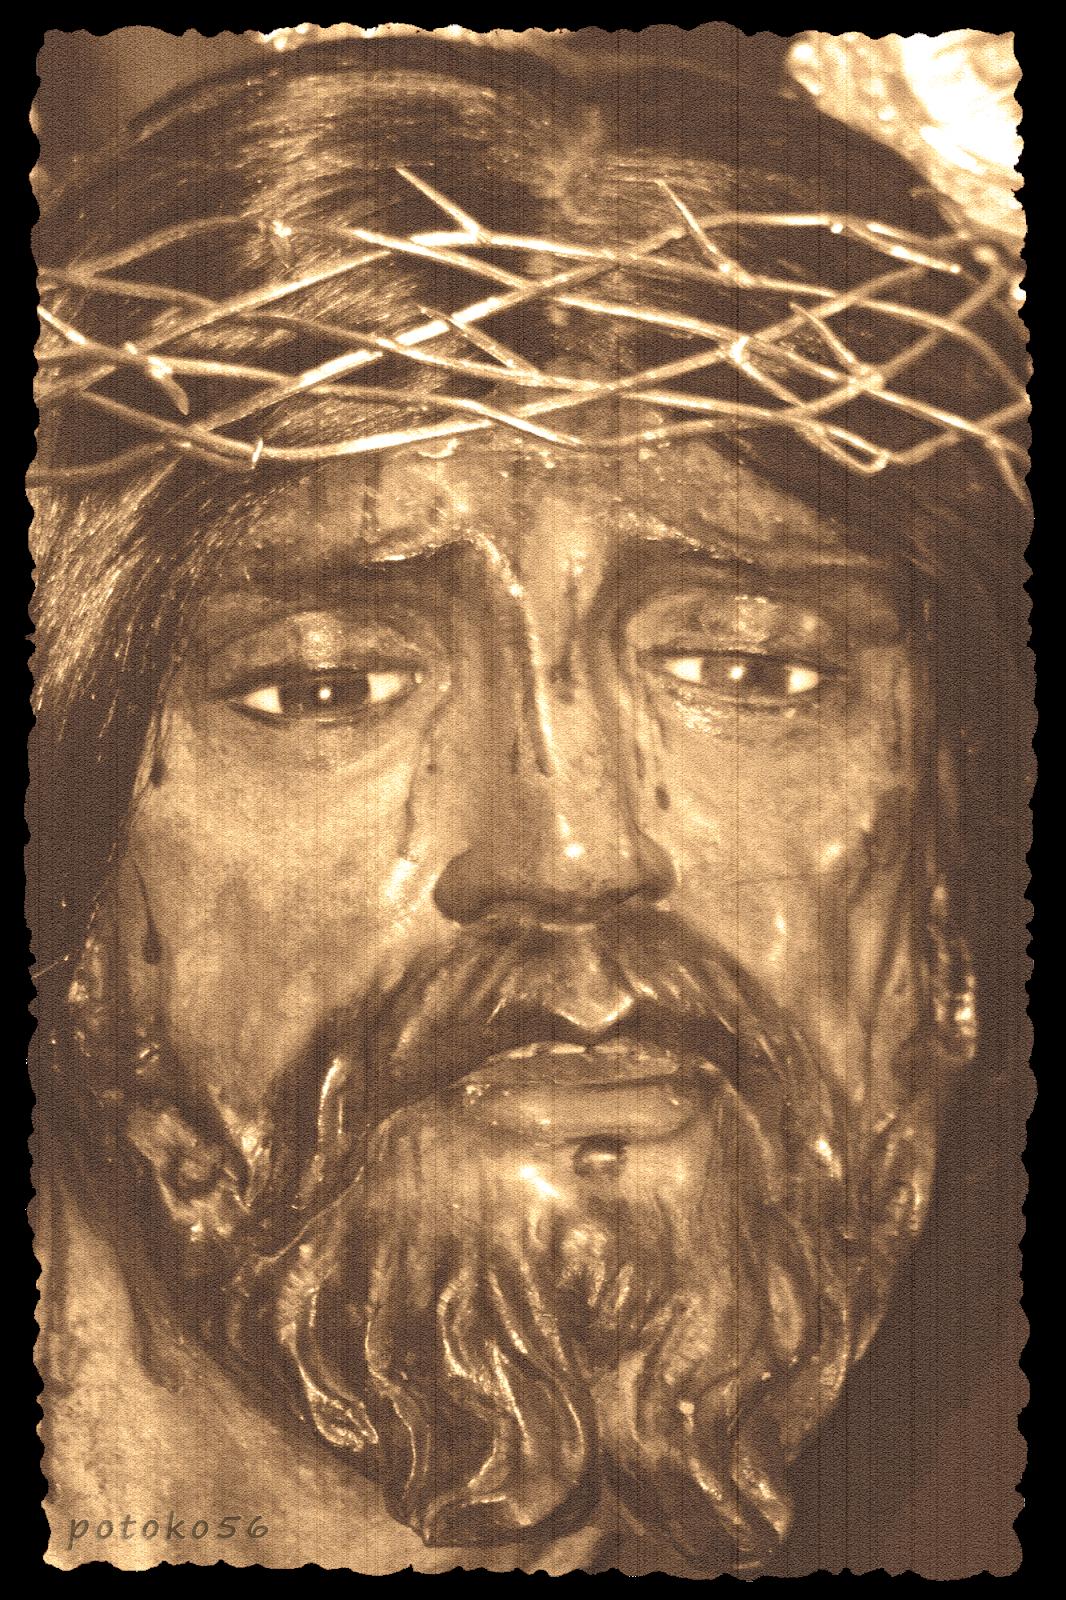 Fotografía del Nazareno de Rota en sepia